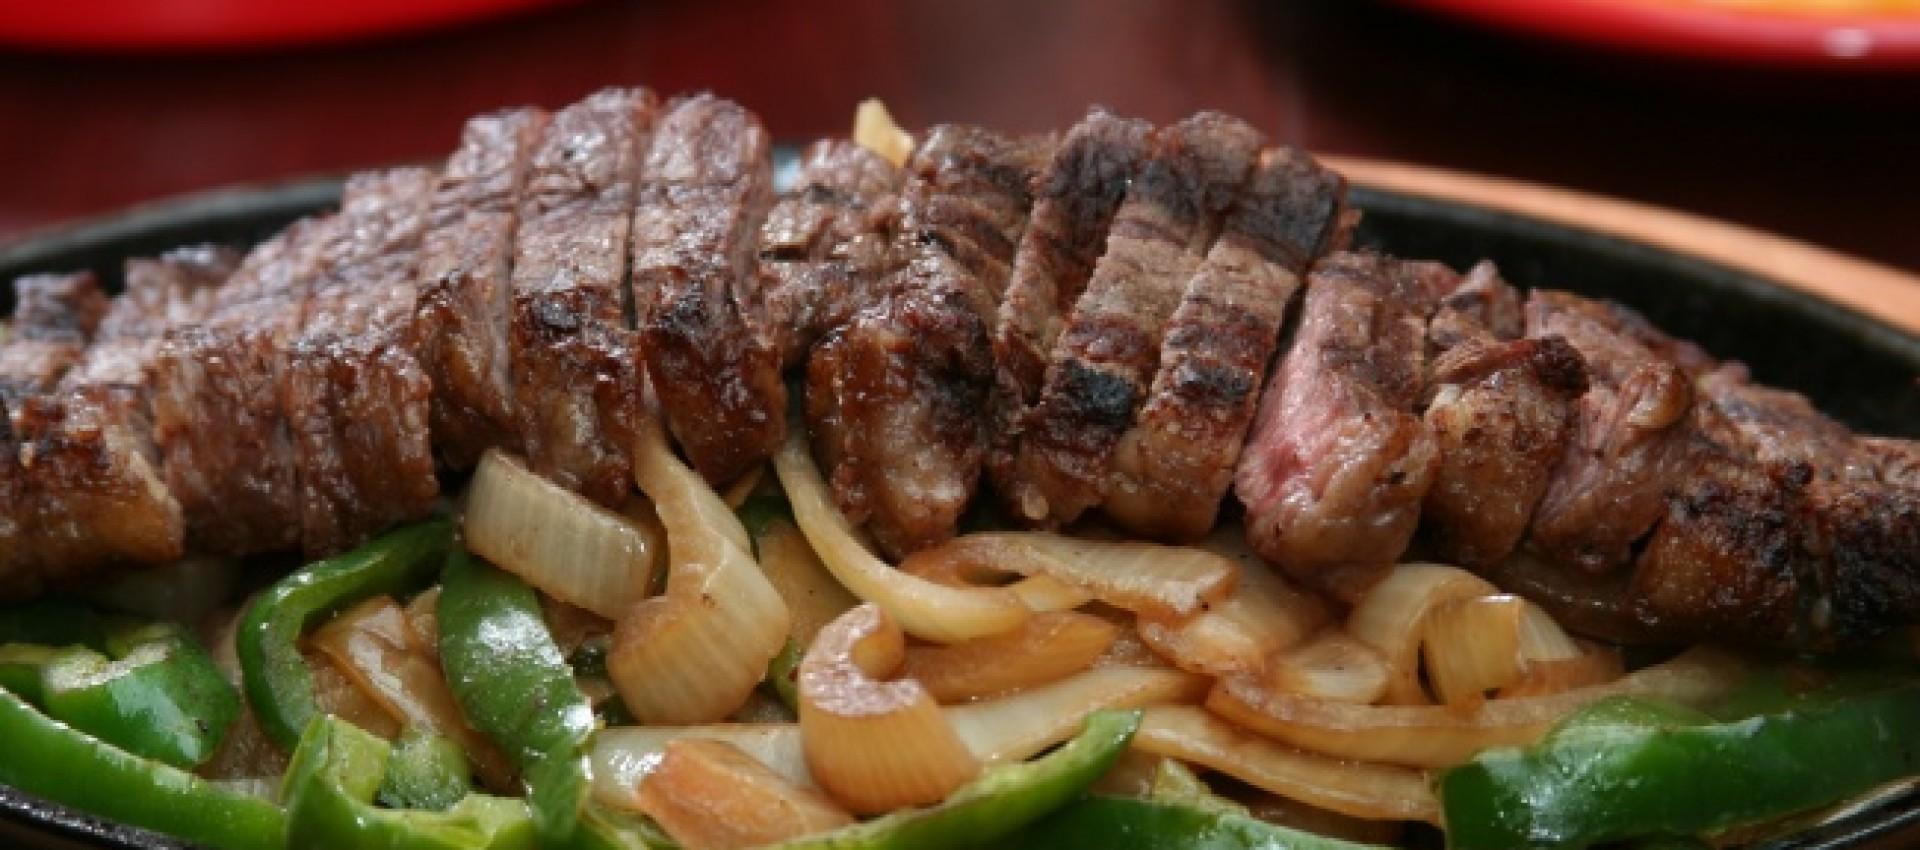 Steak Fajitas Image